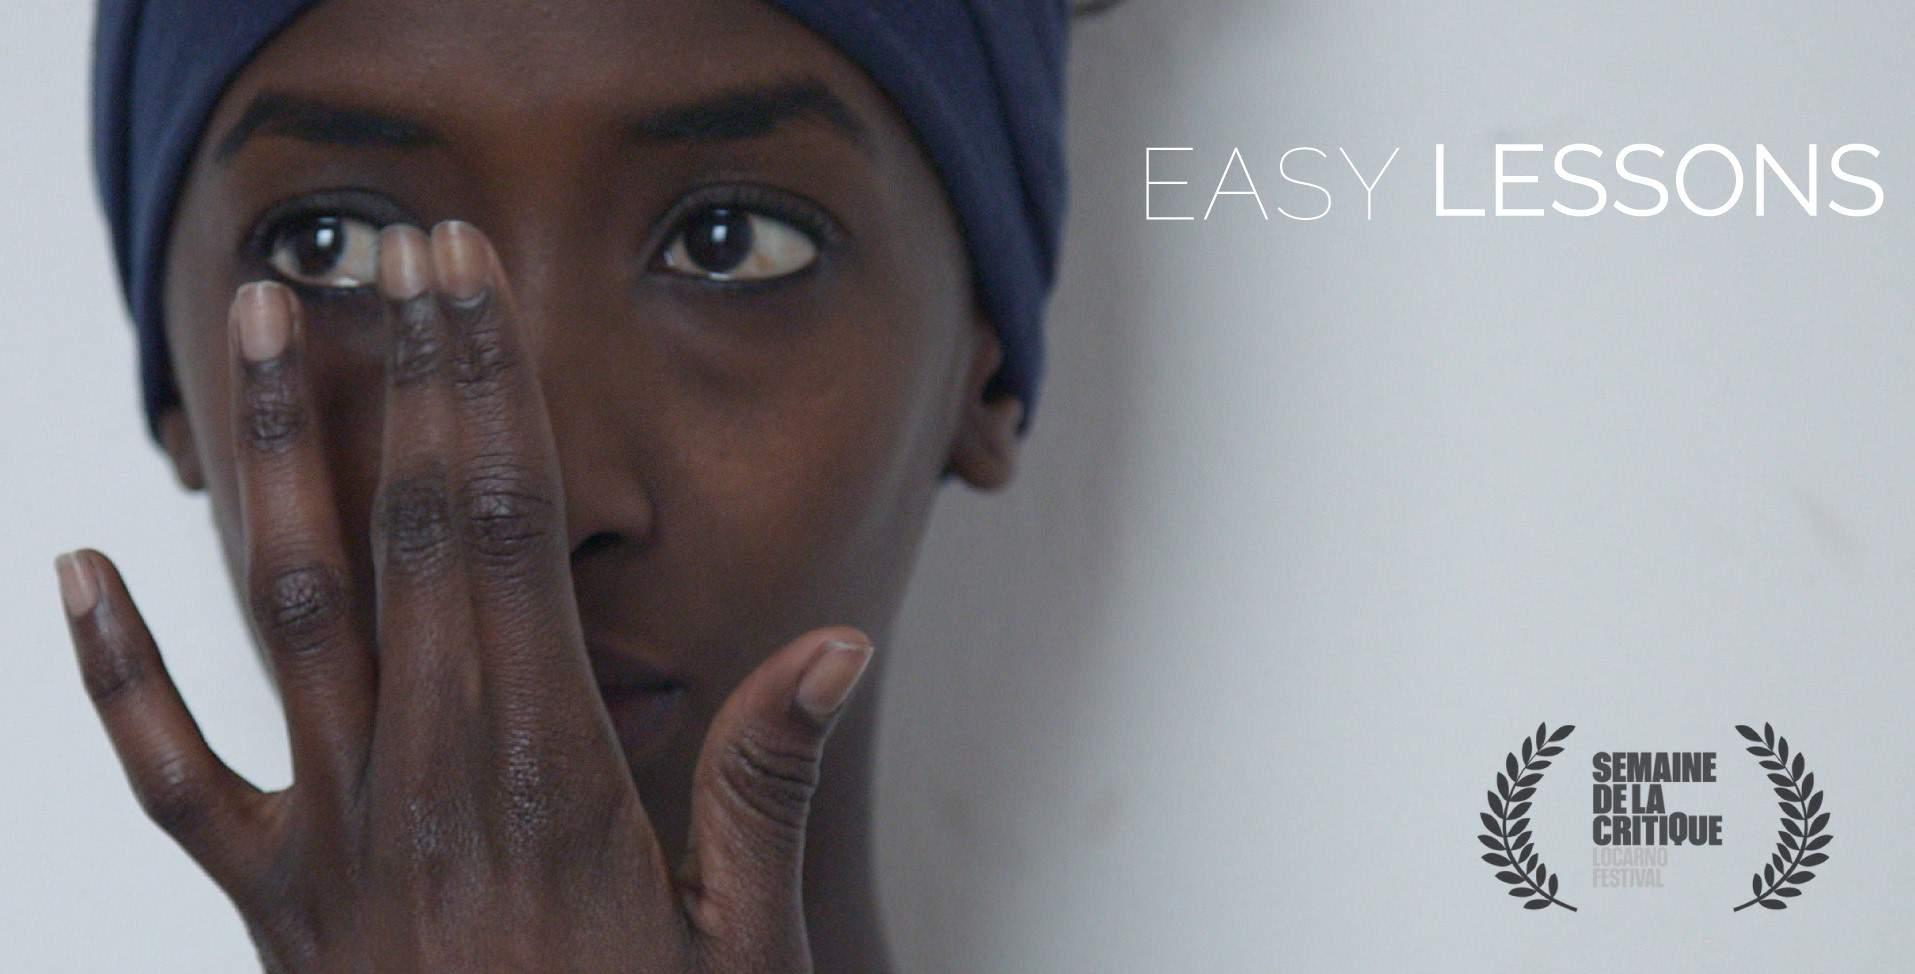 könnyű leckék easy lessons documentary refugee